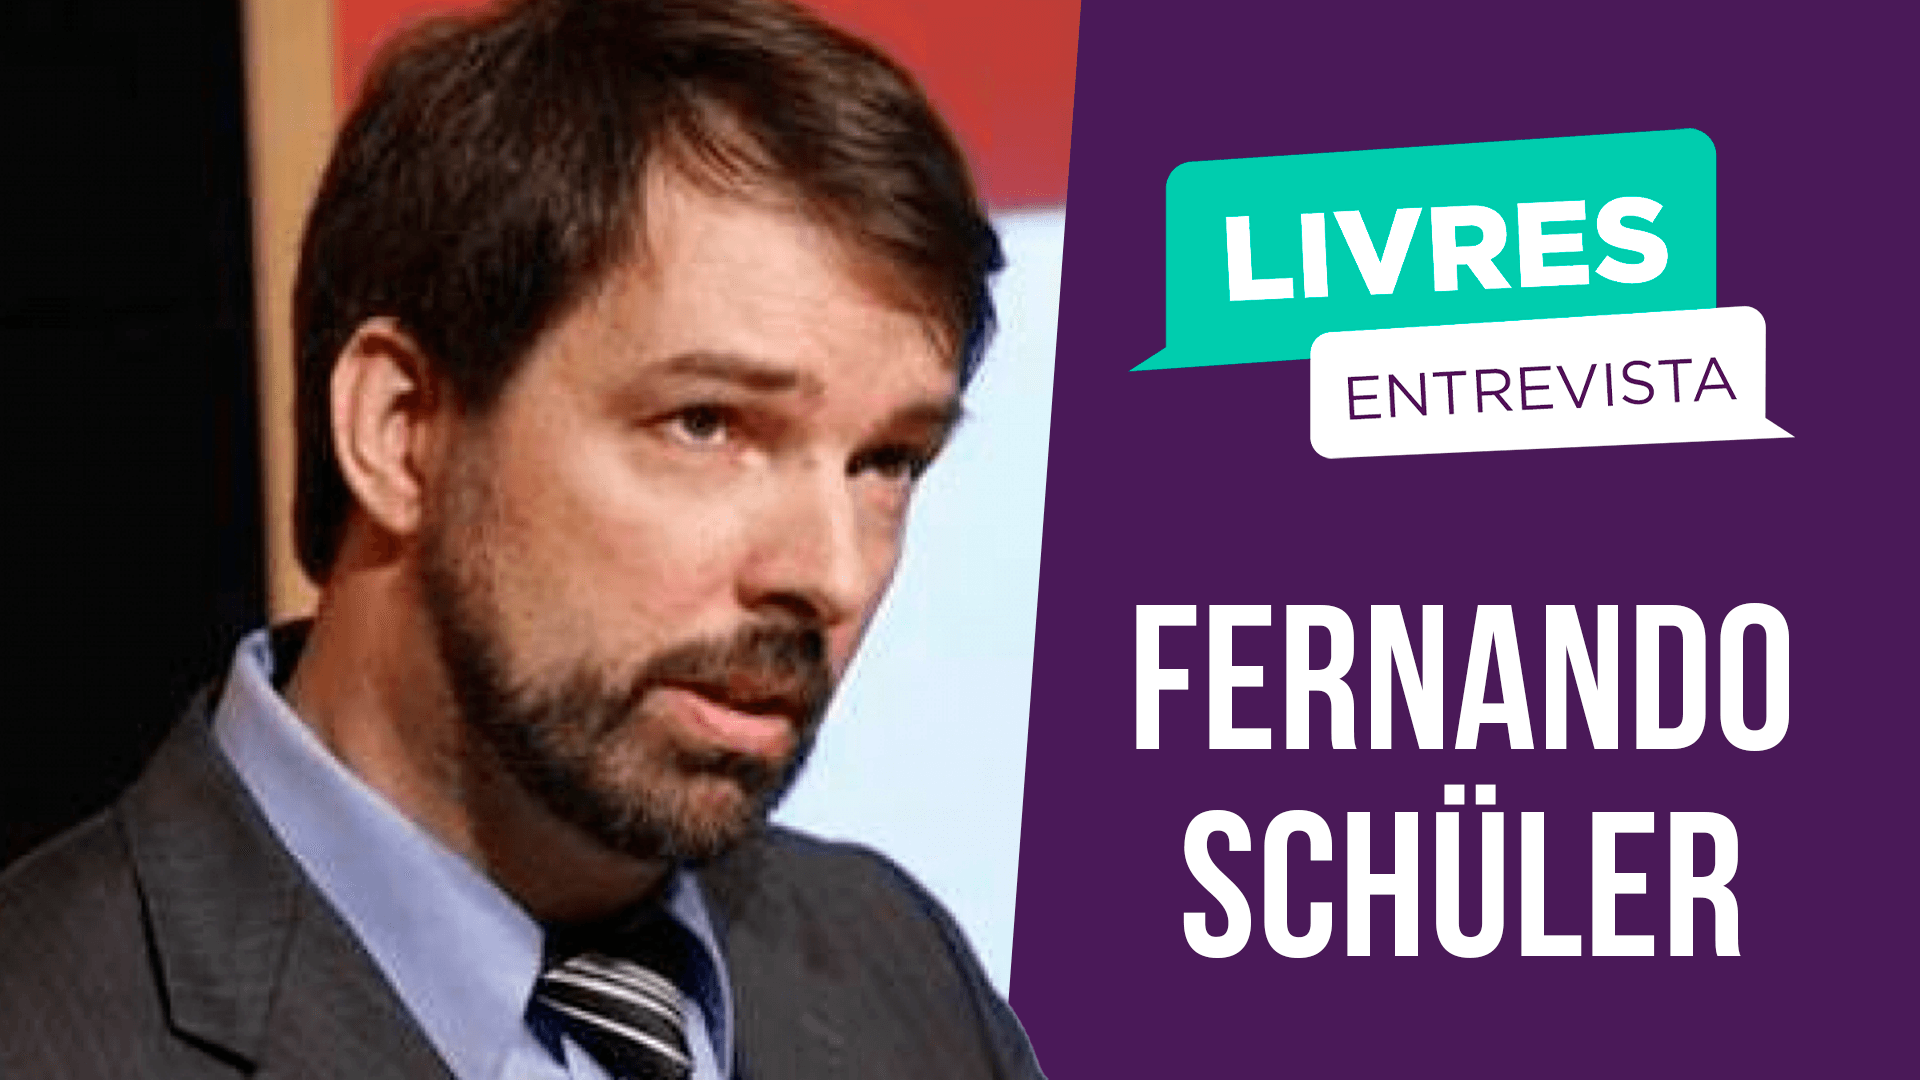 Por que não podemos abrir mão da liberdade de expressão, com Fernando Schüler